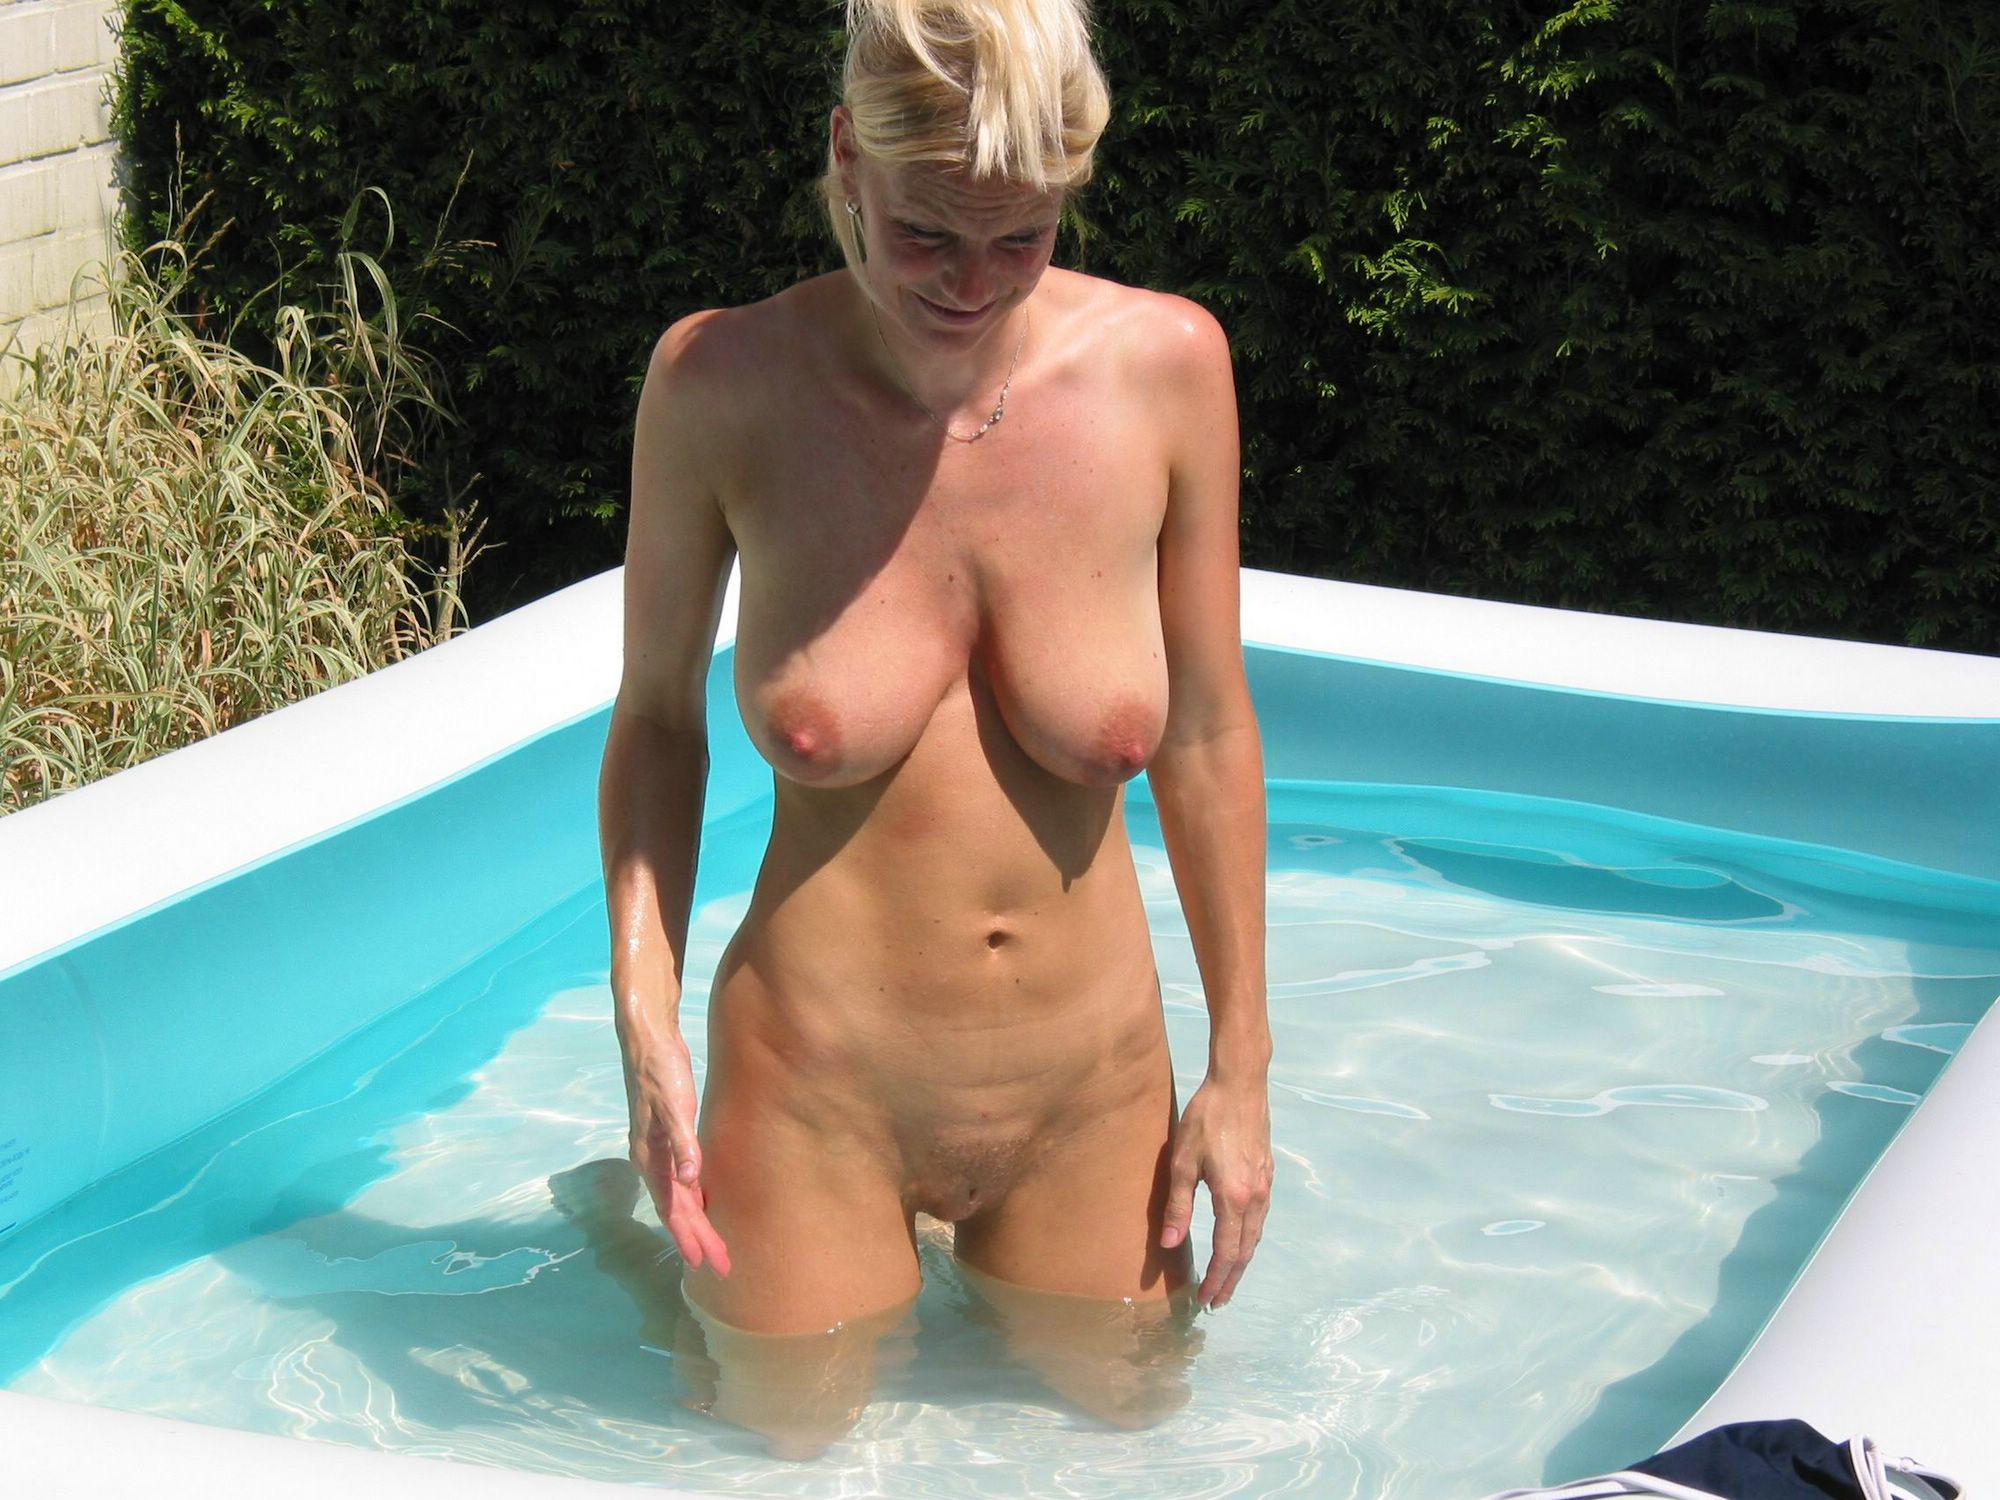 Nude pool moms